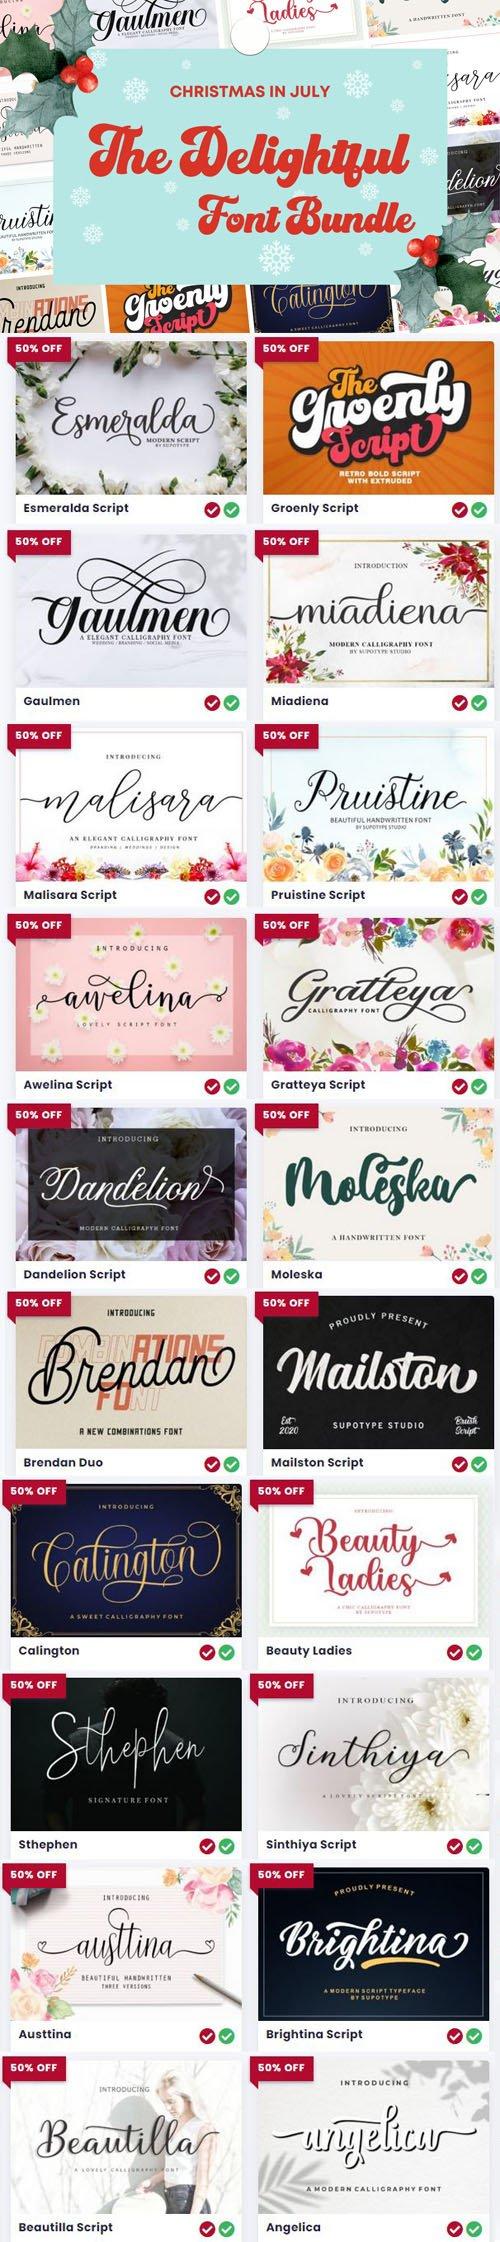 The Delightful Font Bundle - 20 Premium Fonts